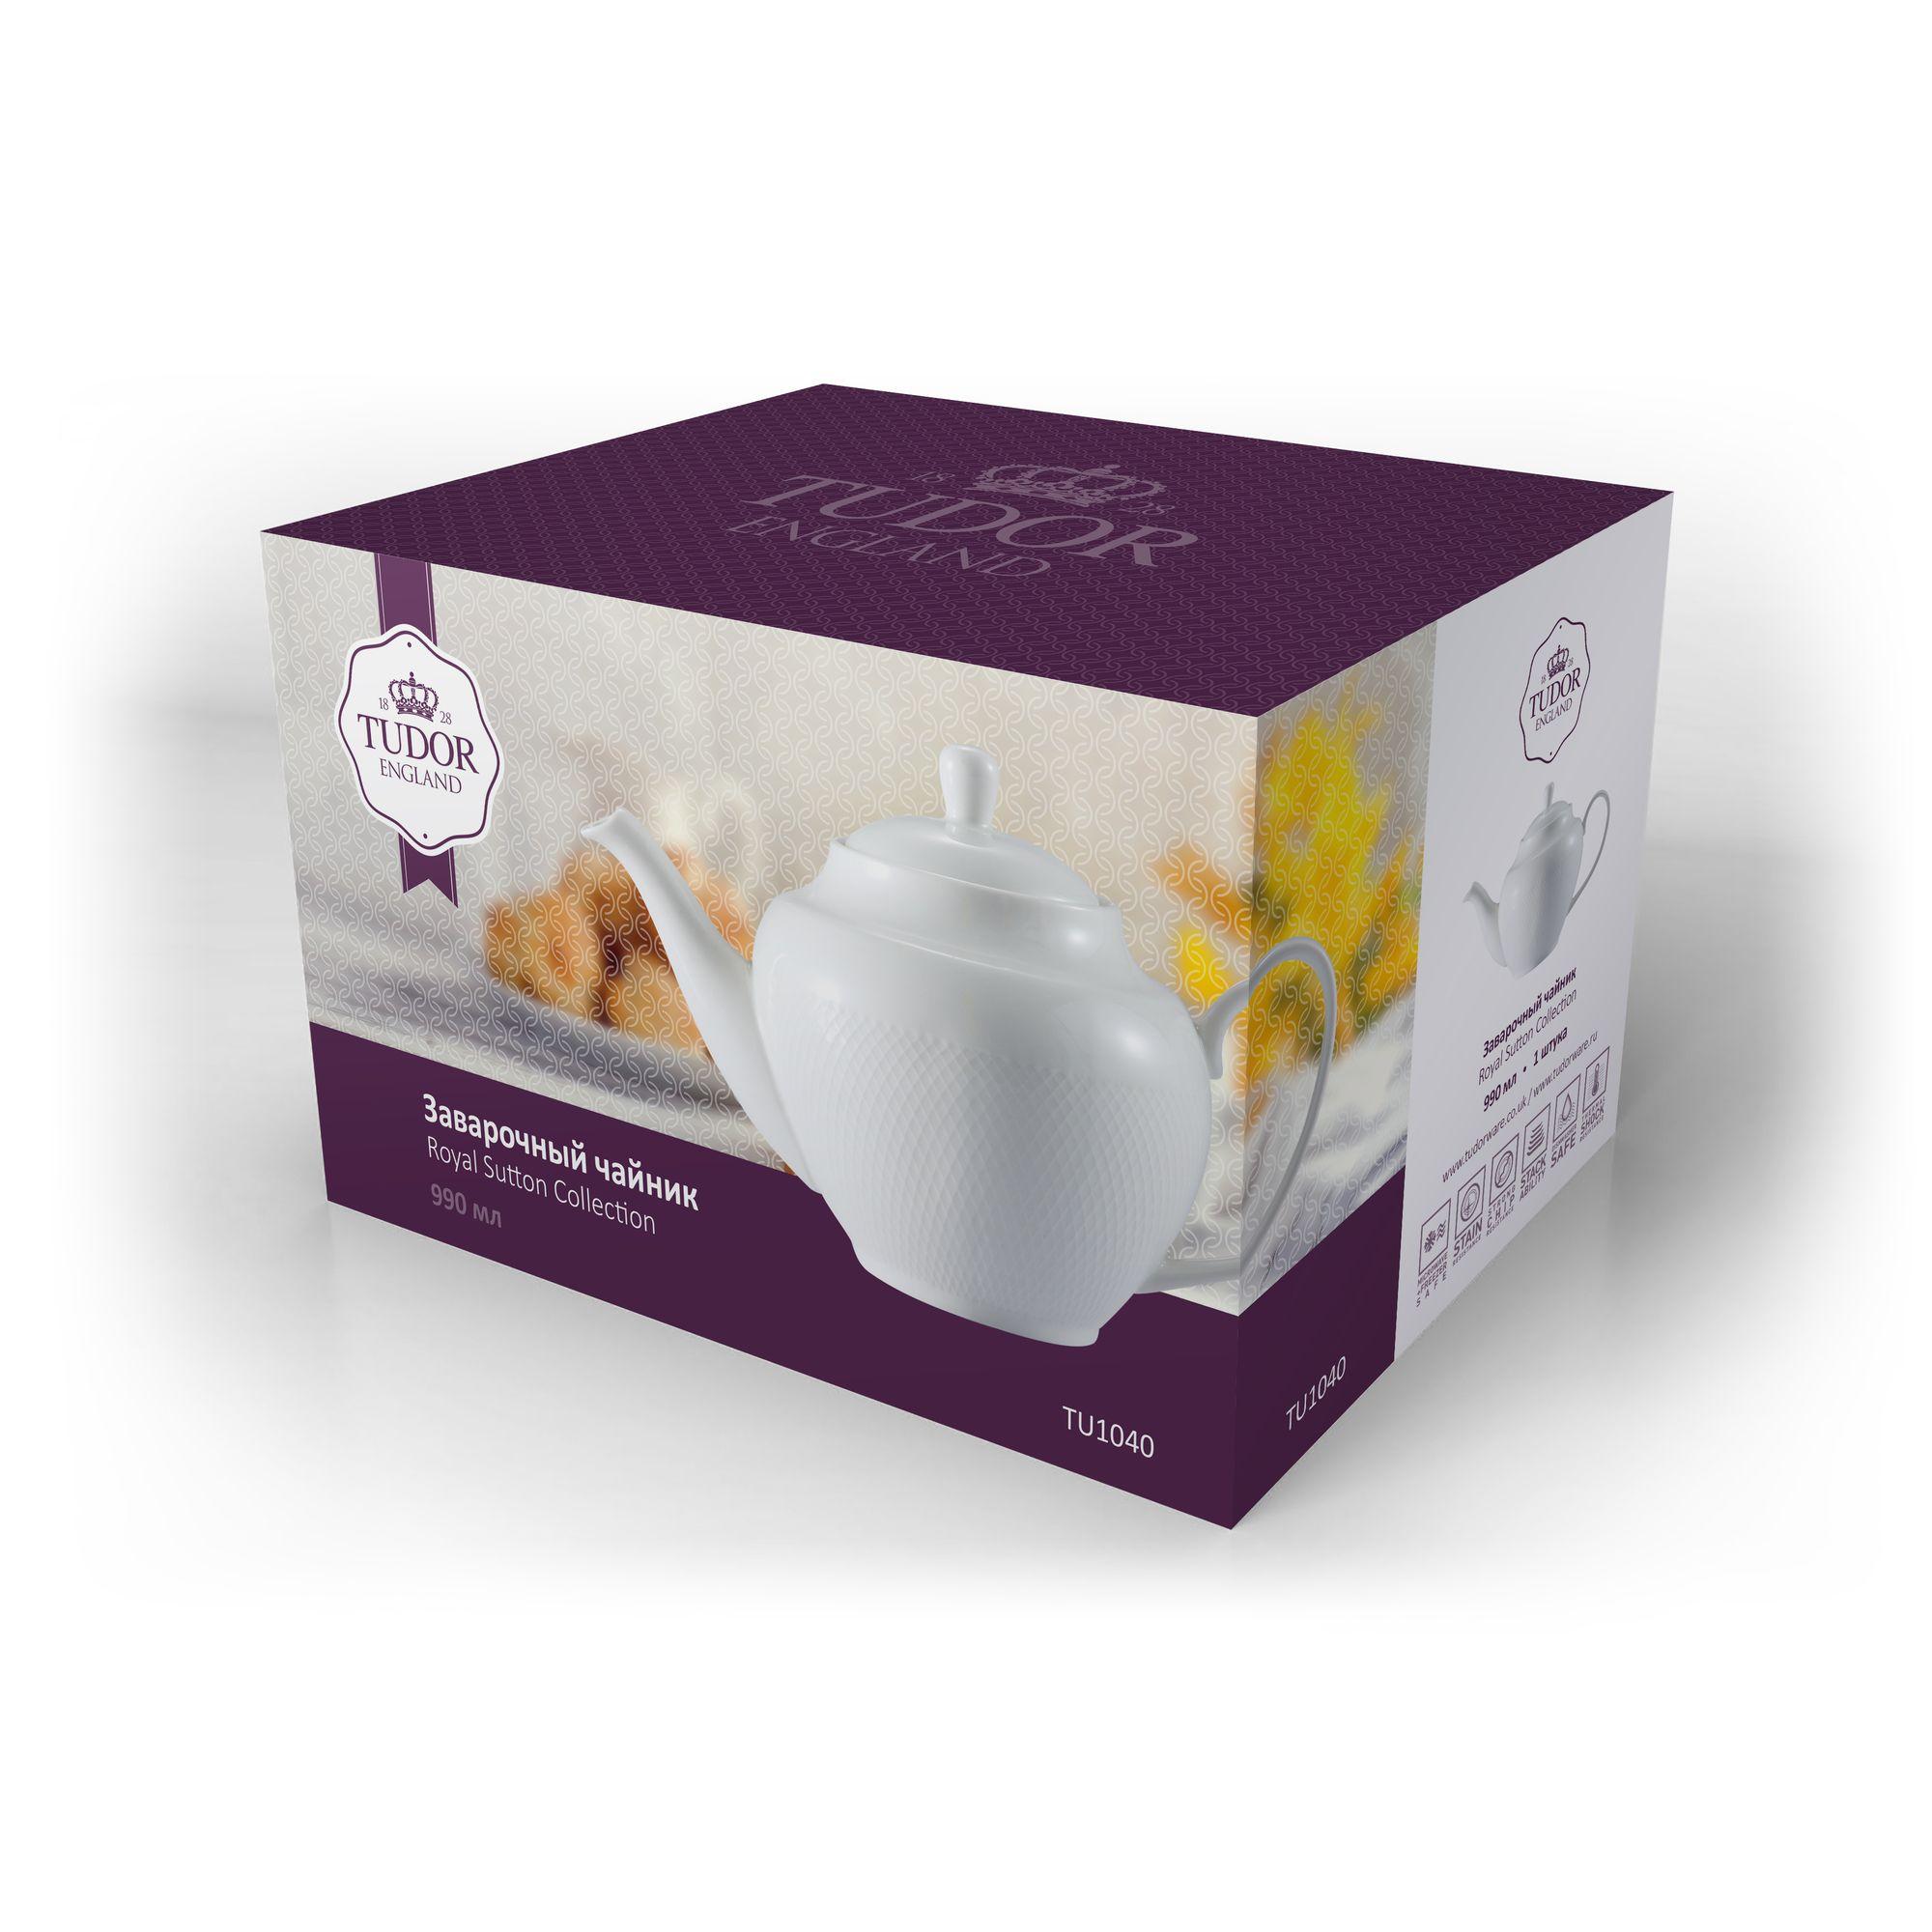 TUDOR ENGLAND Royal Sutton Заварочный чайник 990 мл (в фирменной коробке)